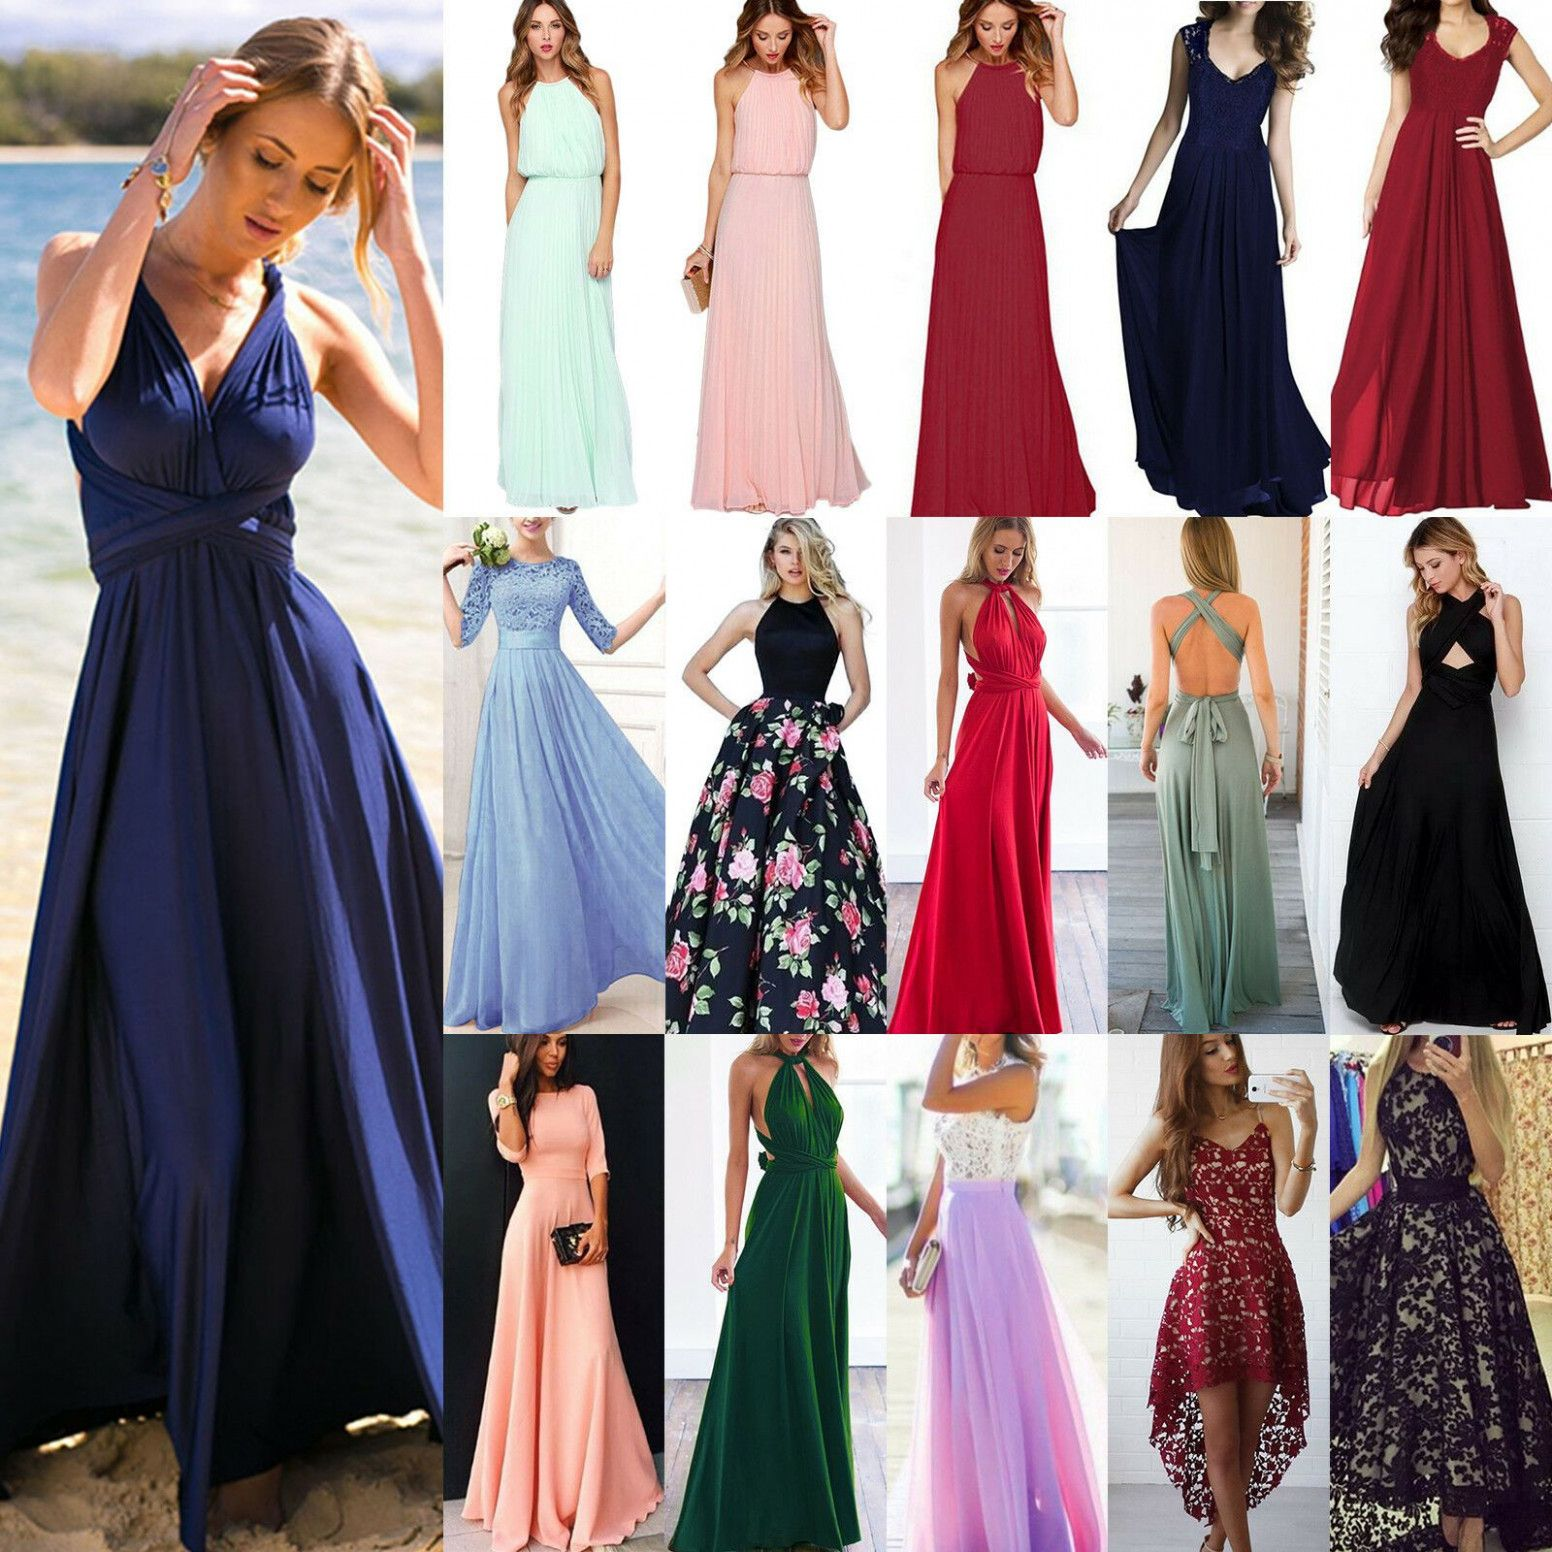 14 kleid abendkleid | abendkleid, party kleider, kleider damen